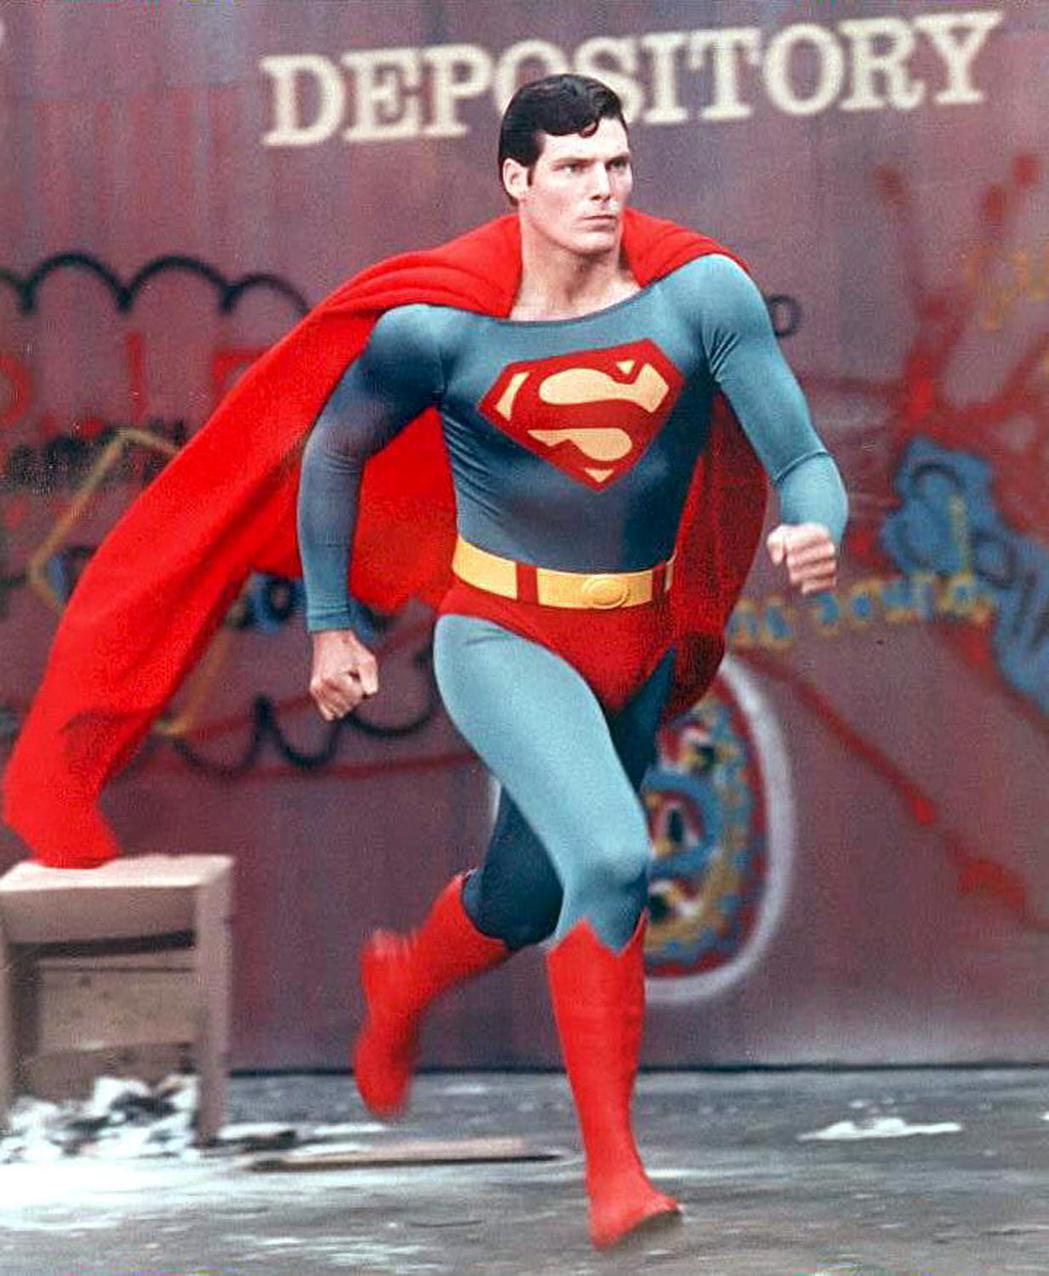 最經典「超人」克里斯多夫李維因墜馬意外不良於行,52歲即去世。圖/摘自imdb